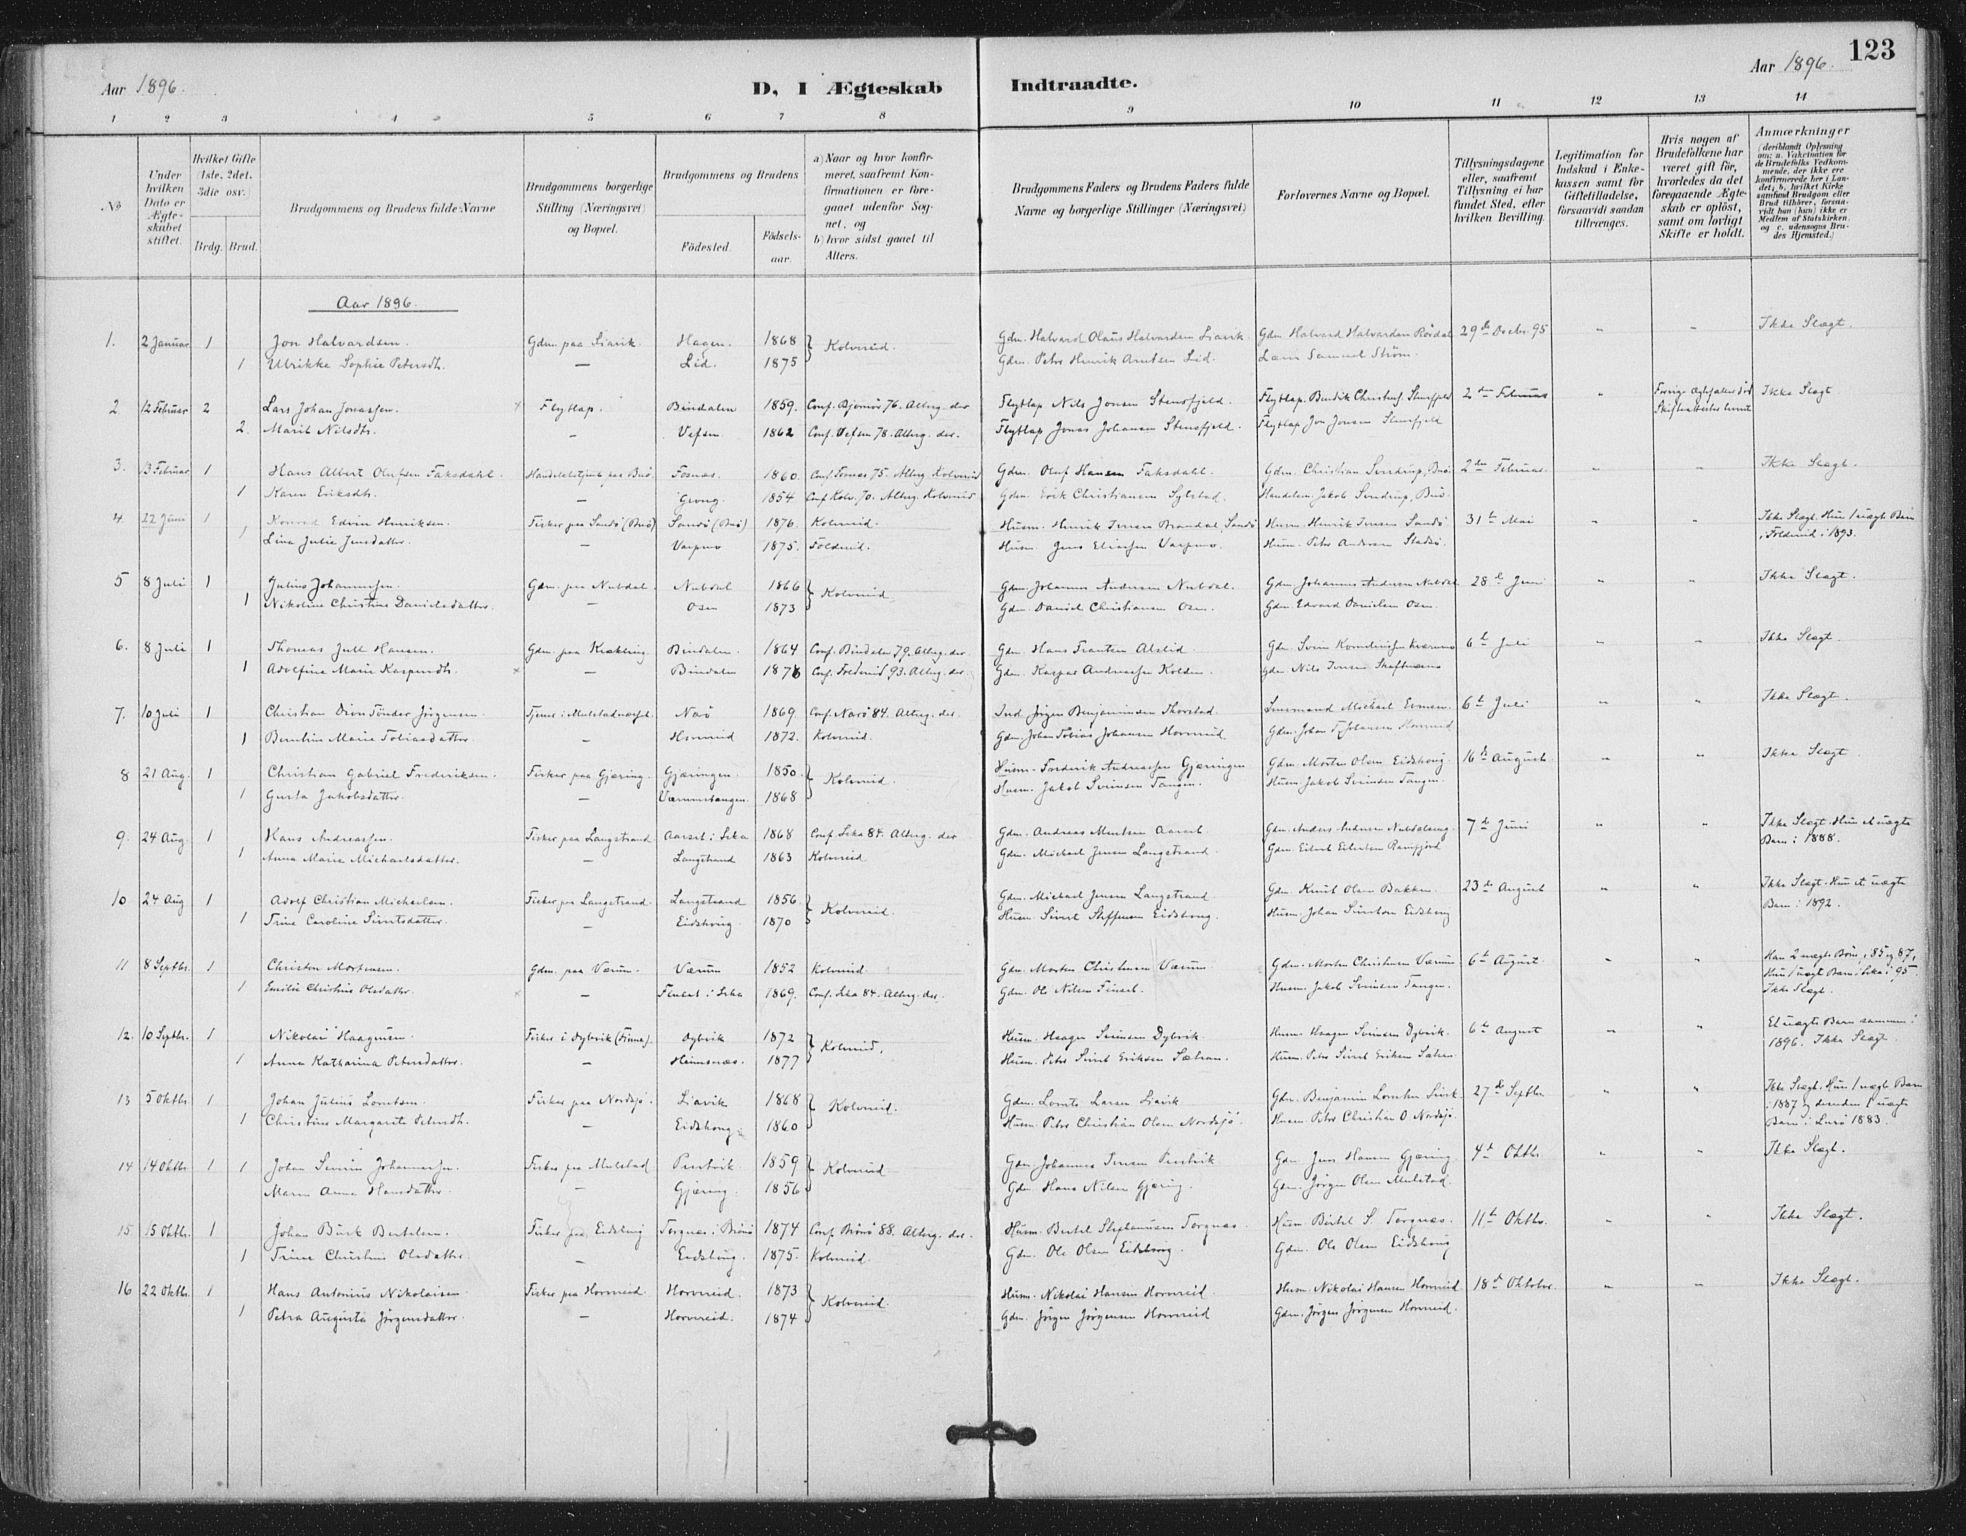 SAT, Ministerialprotokoller, klokkerbøker og fødselsregistre - Nord-Trøndelag, 780/L0644: Ministerialbok nr. 780A08, 1886-1903, s. 123